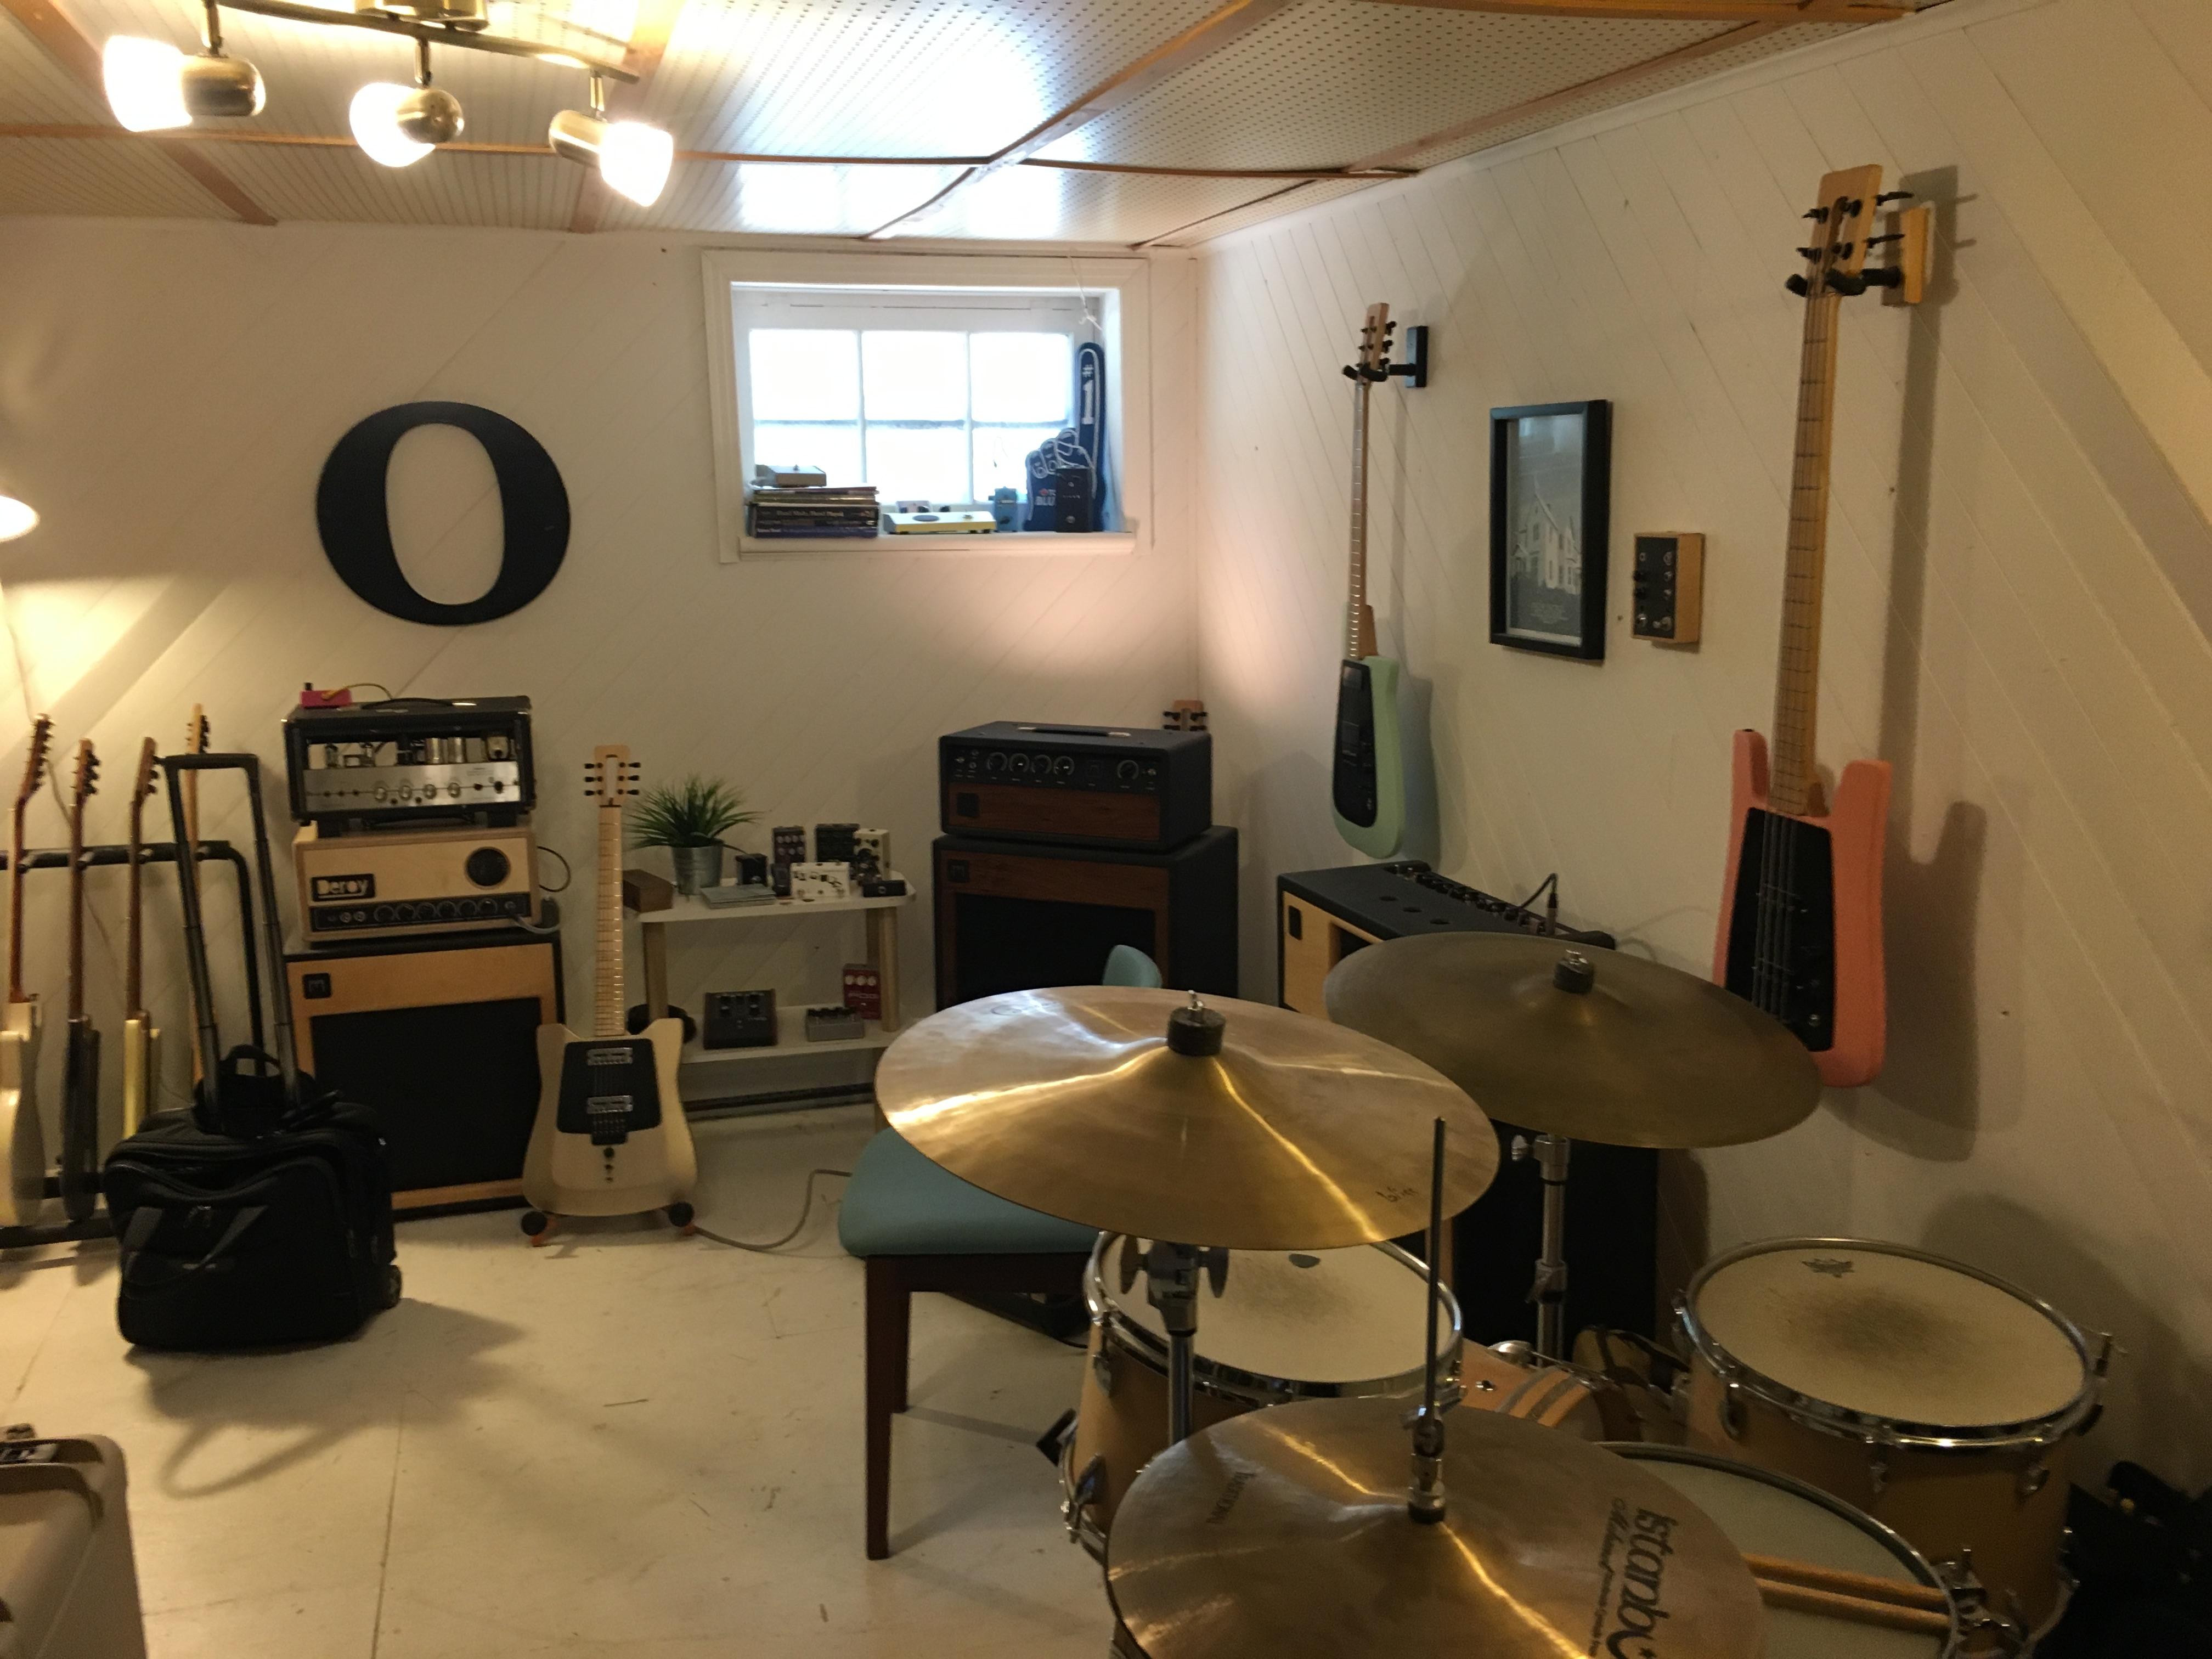 Visite atelier de luthier - Chez Millimetric Instruments à Montréal (suite et fin)